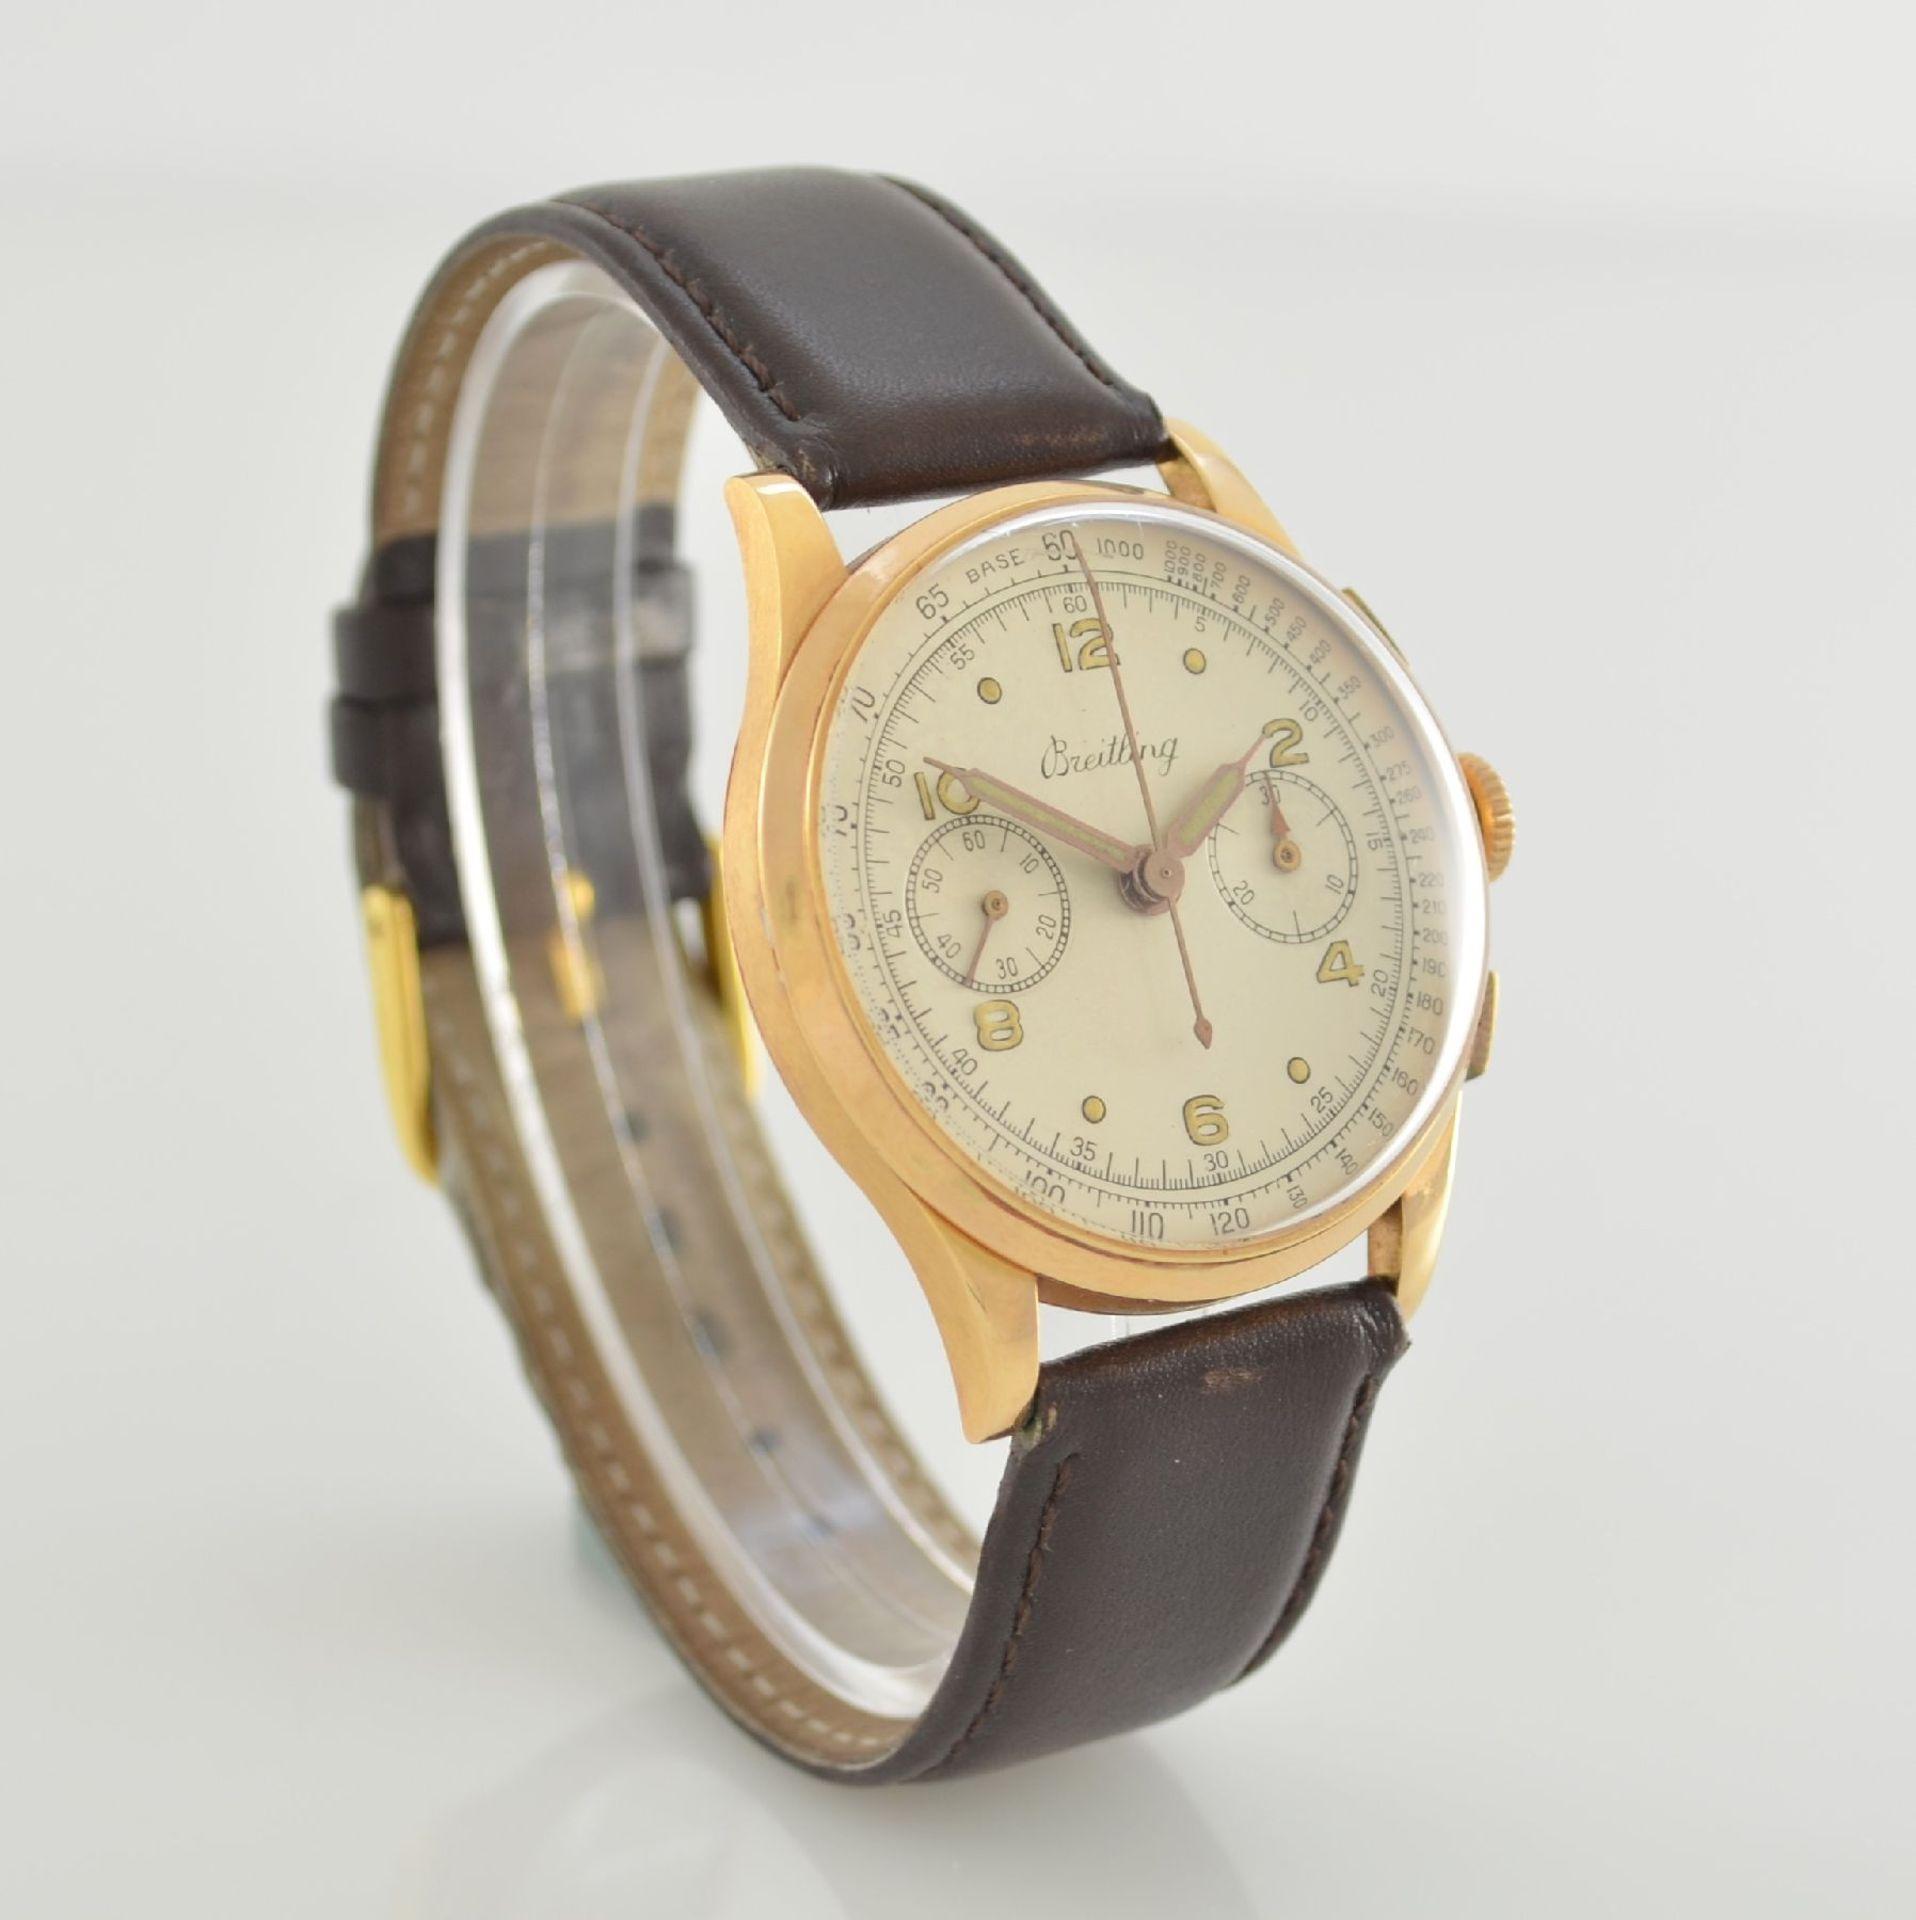 Herrenarmbanduhr mit Chronograph in 750/000 RoseG, Schweiz um 1950, Boden & Glasrand aufgedr., rest. - Bild 4 aus 9